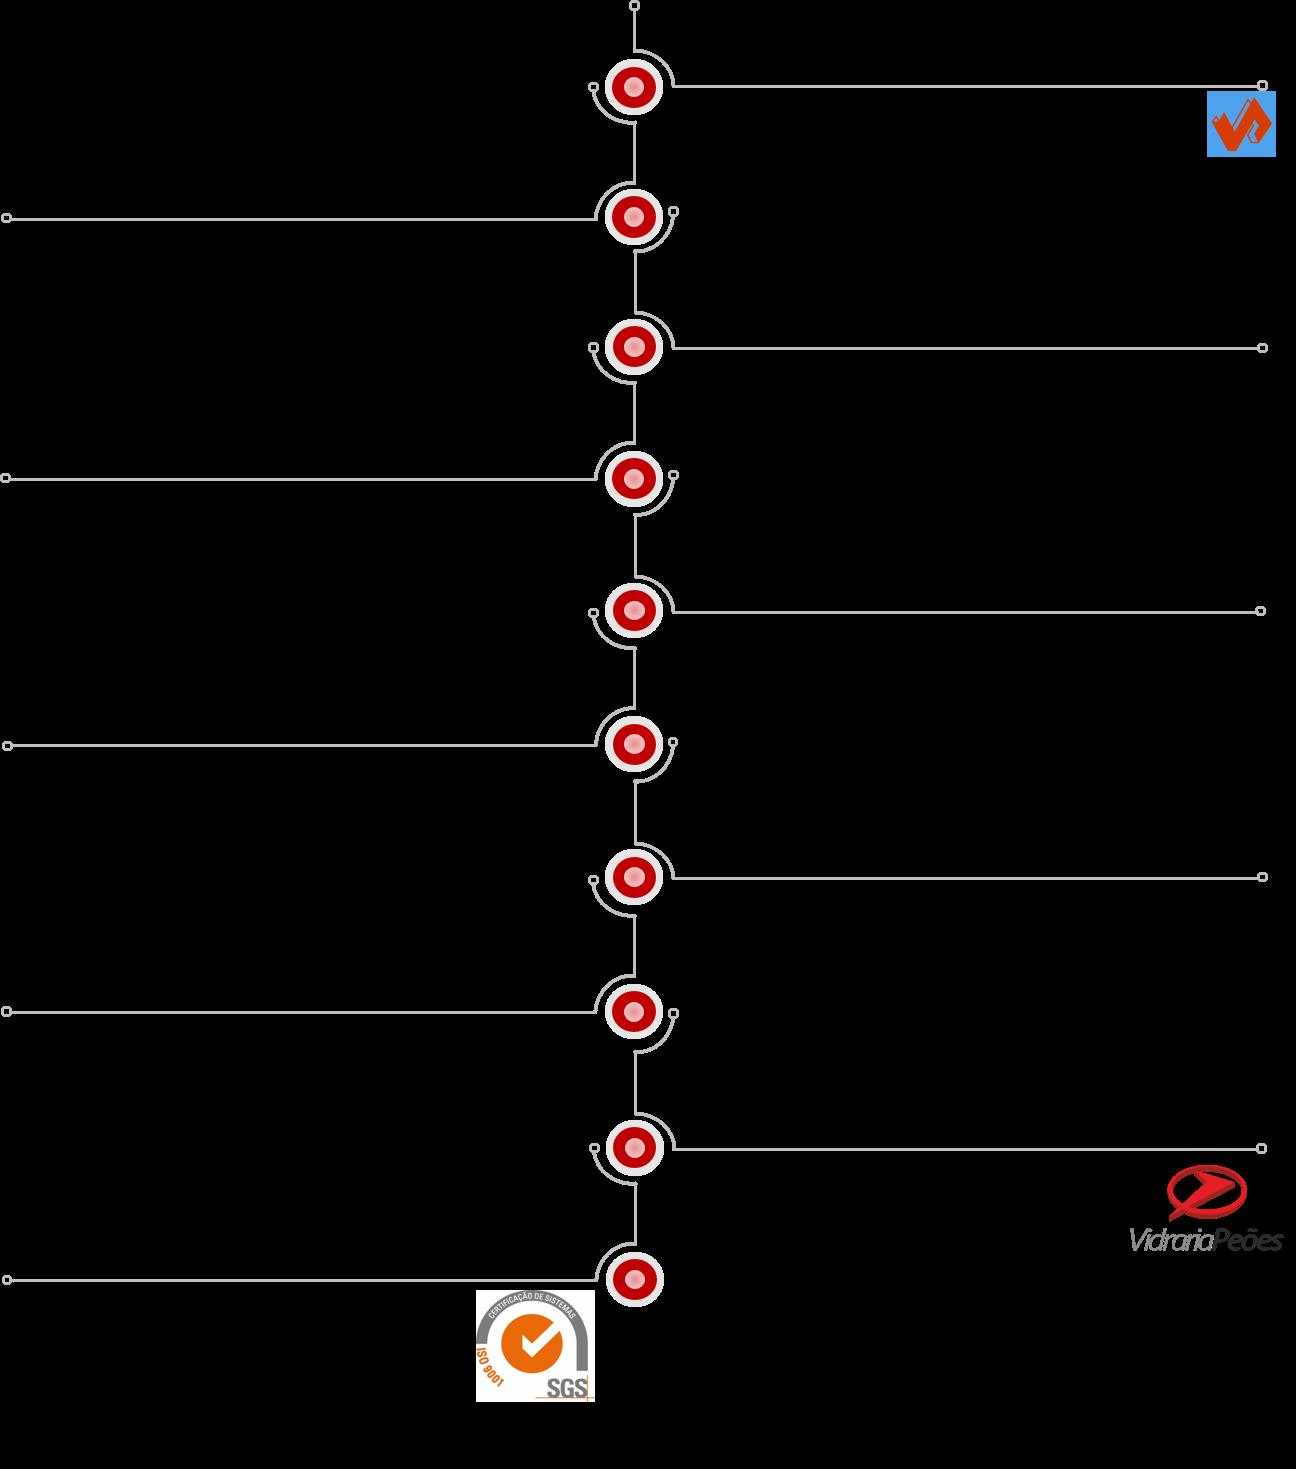 Timeline História da Vidraria dos Peões